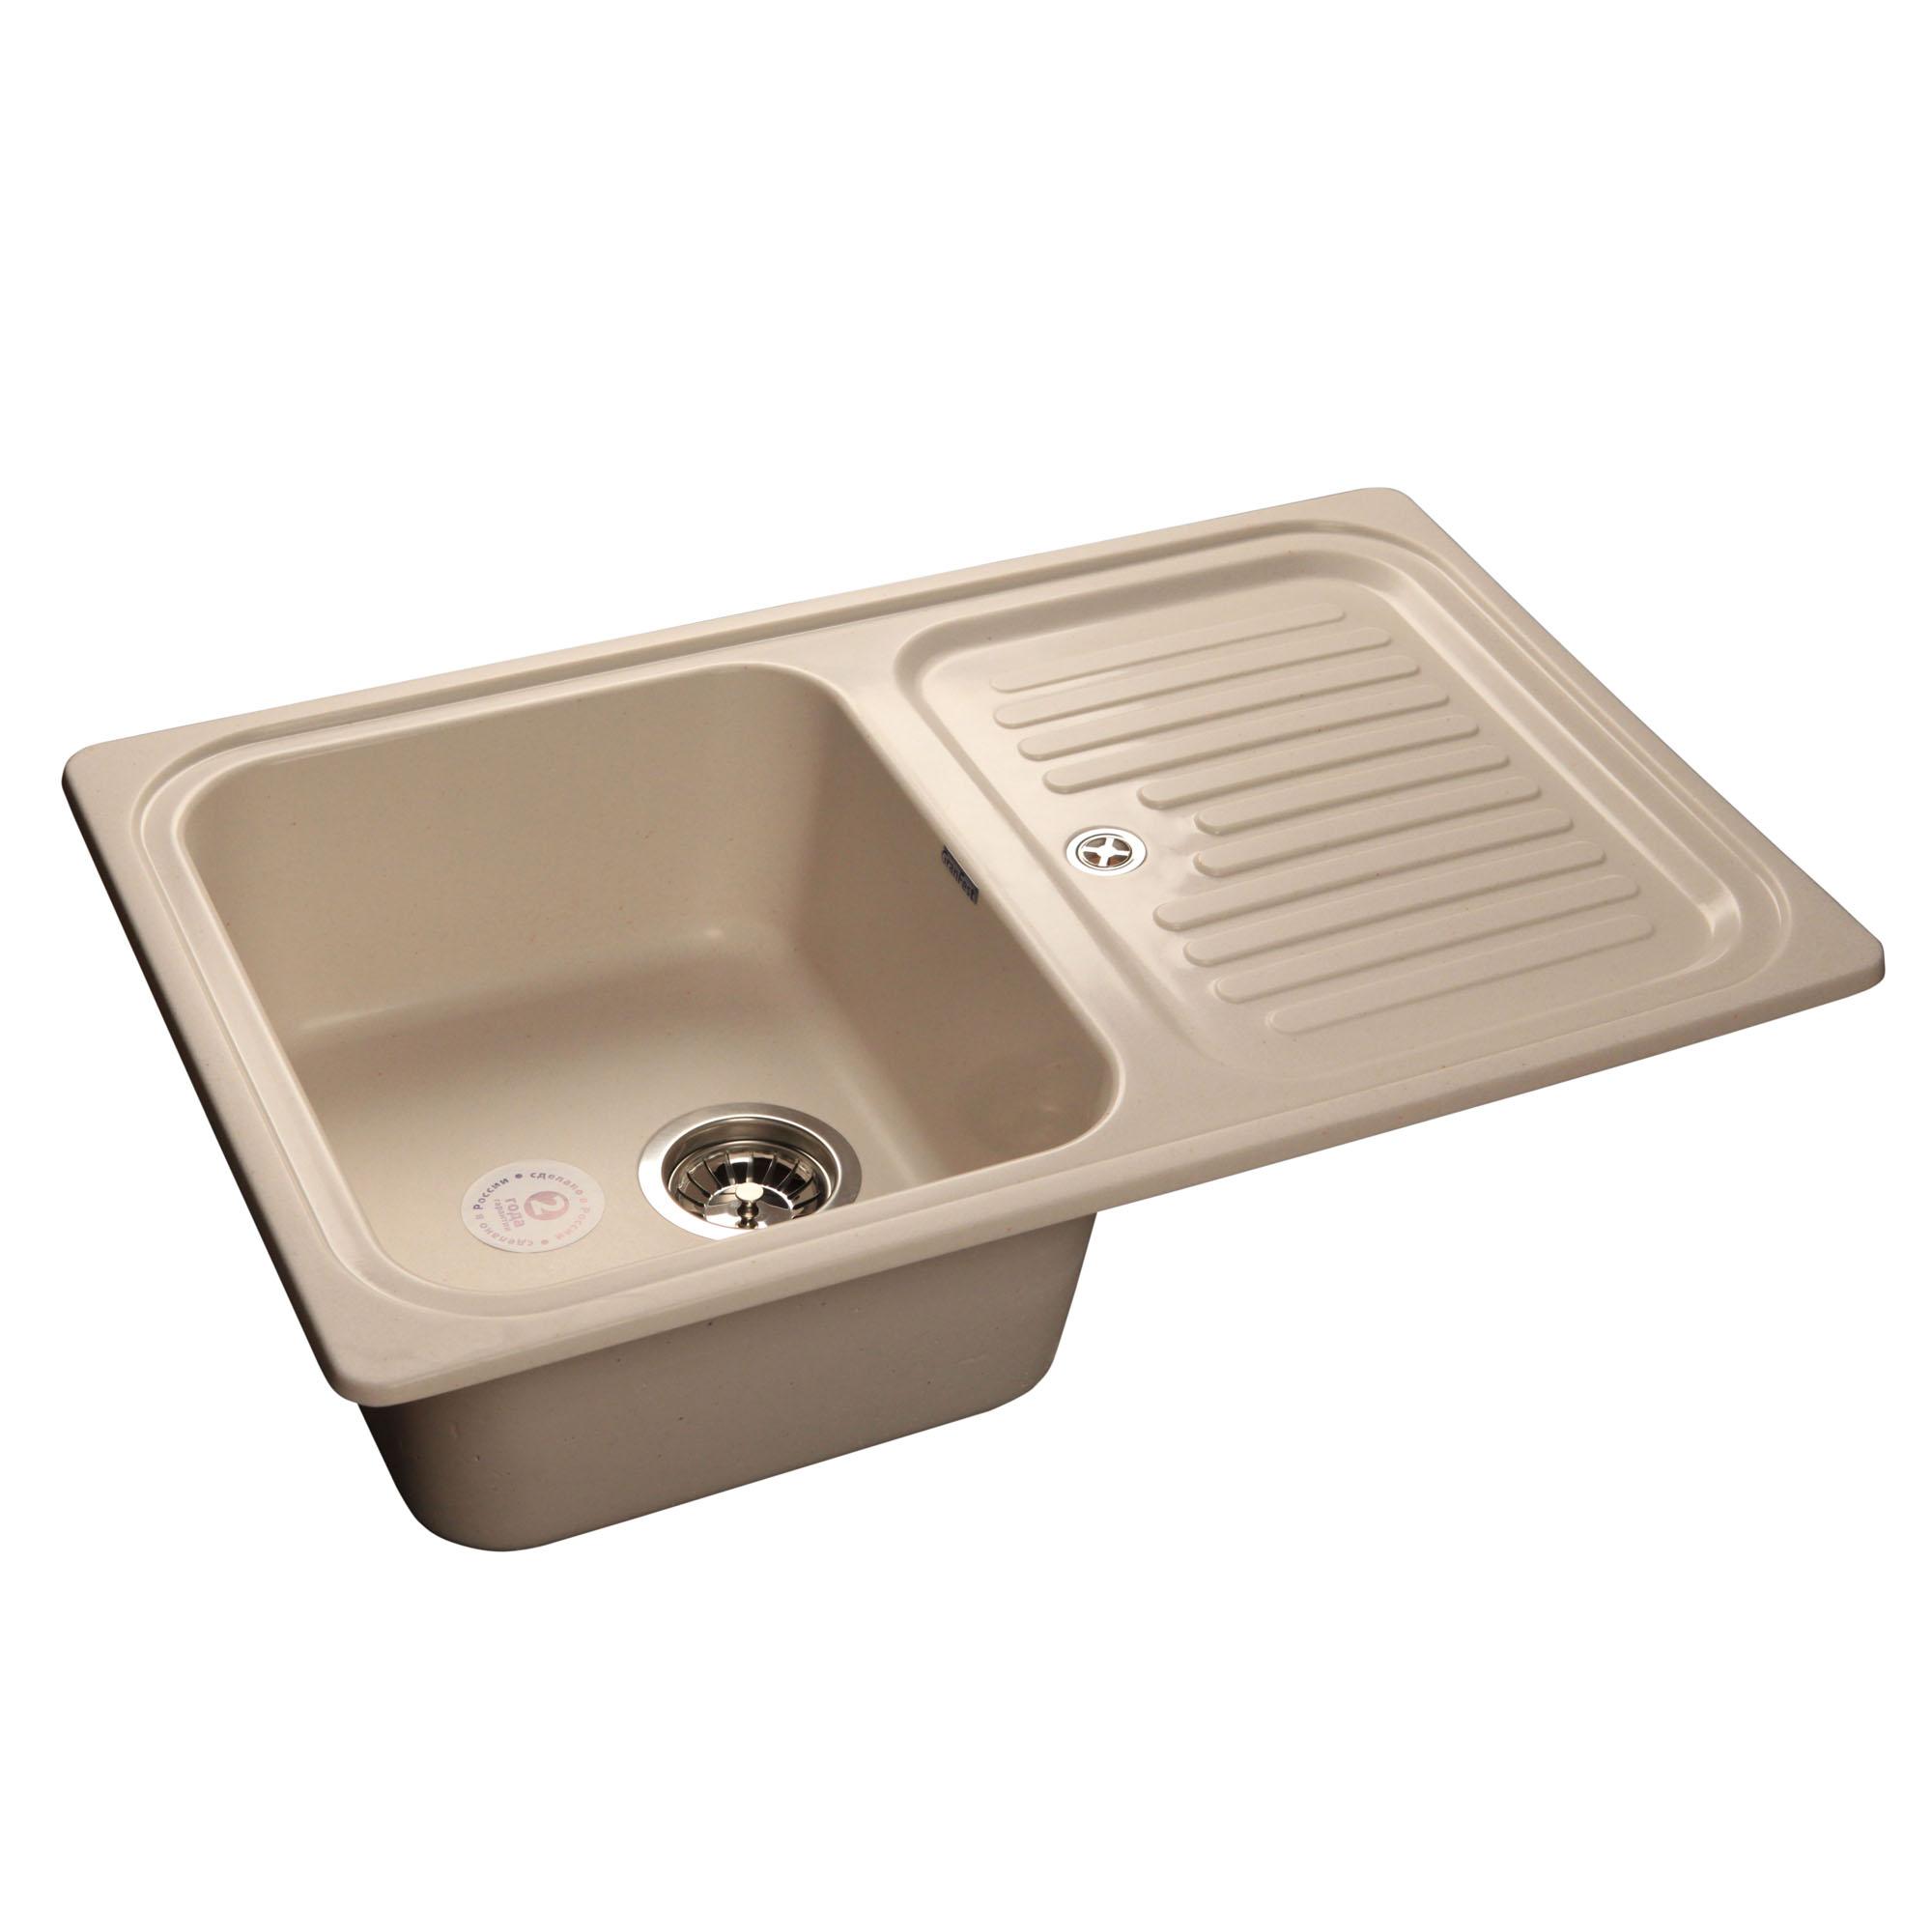 Кухонная мойка GranFest Standart GF-S780L белый мойка кухонная granfest gf s780l песок чаша крыло